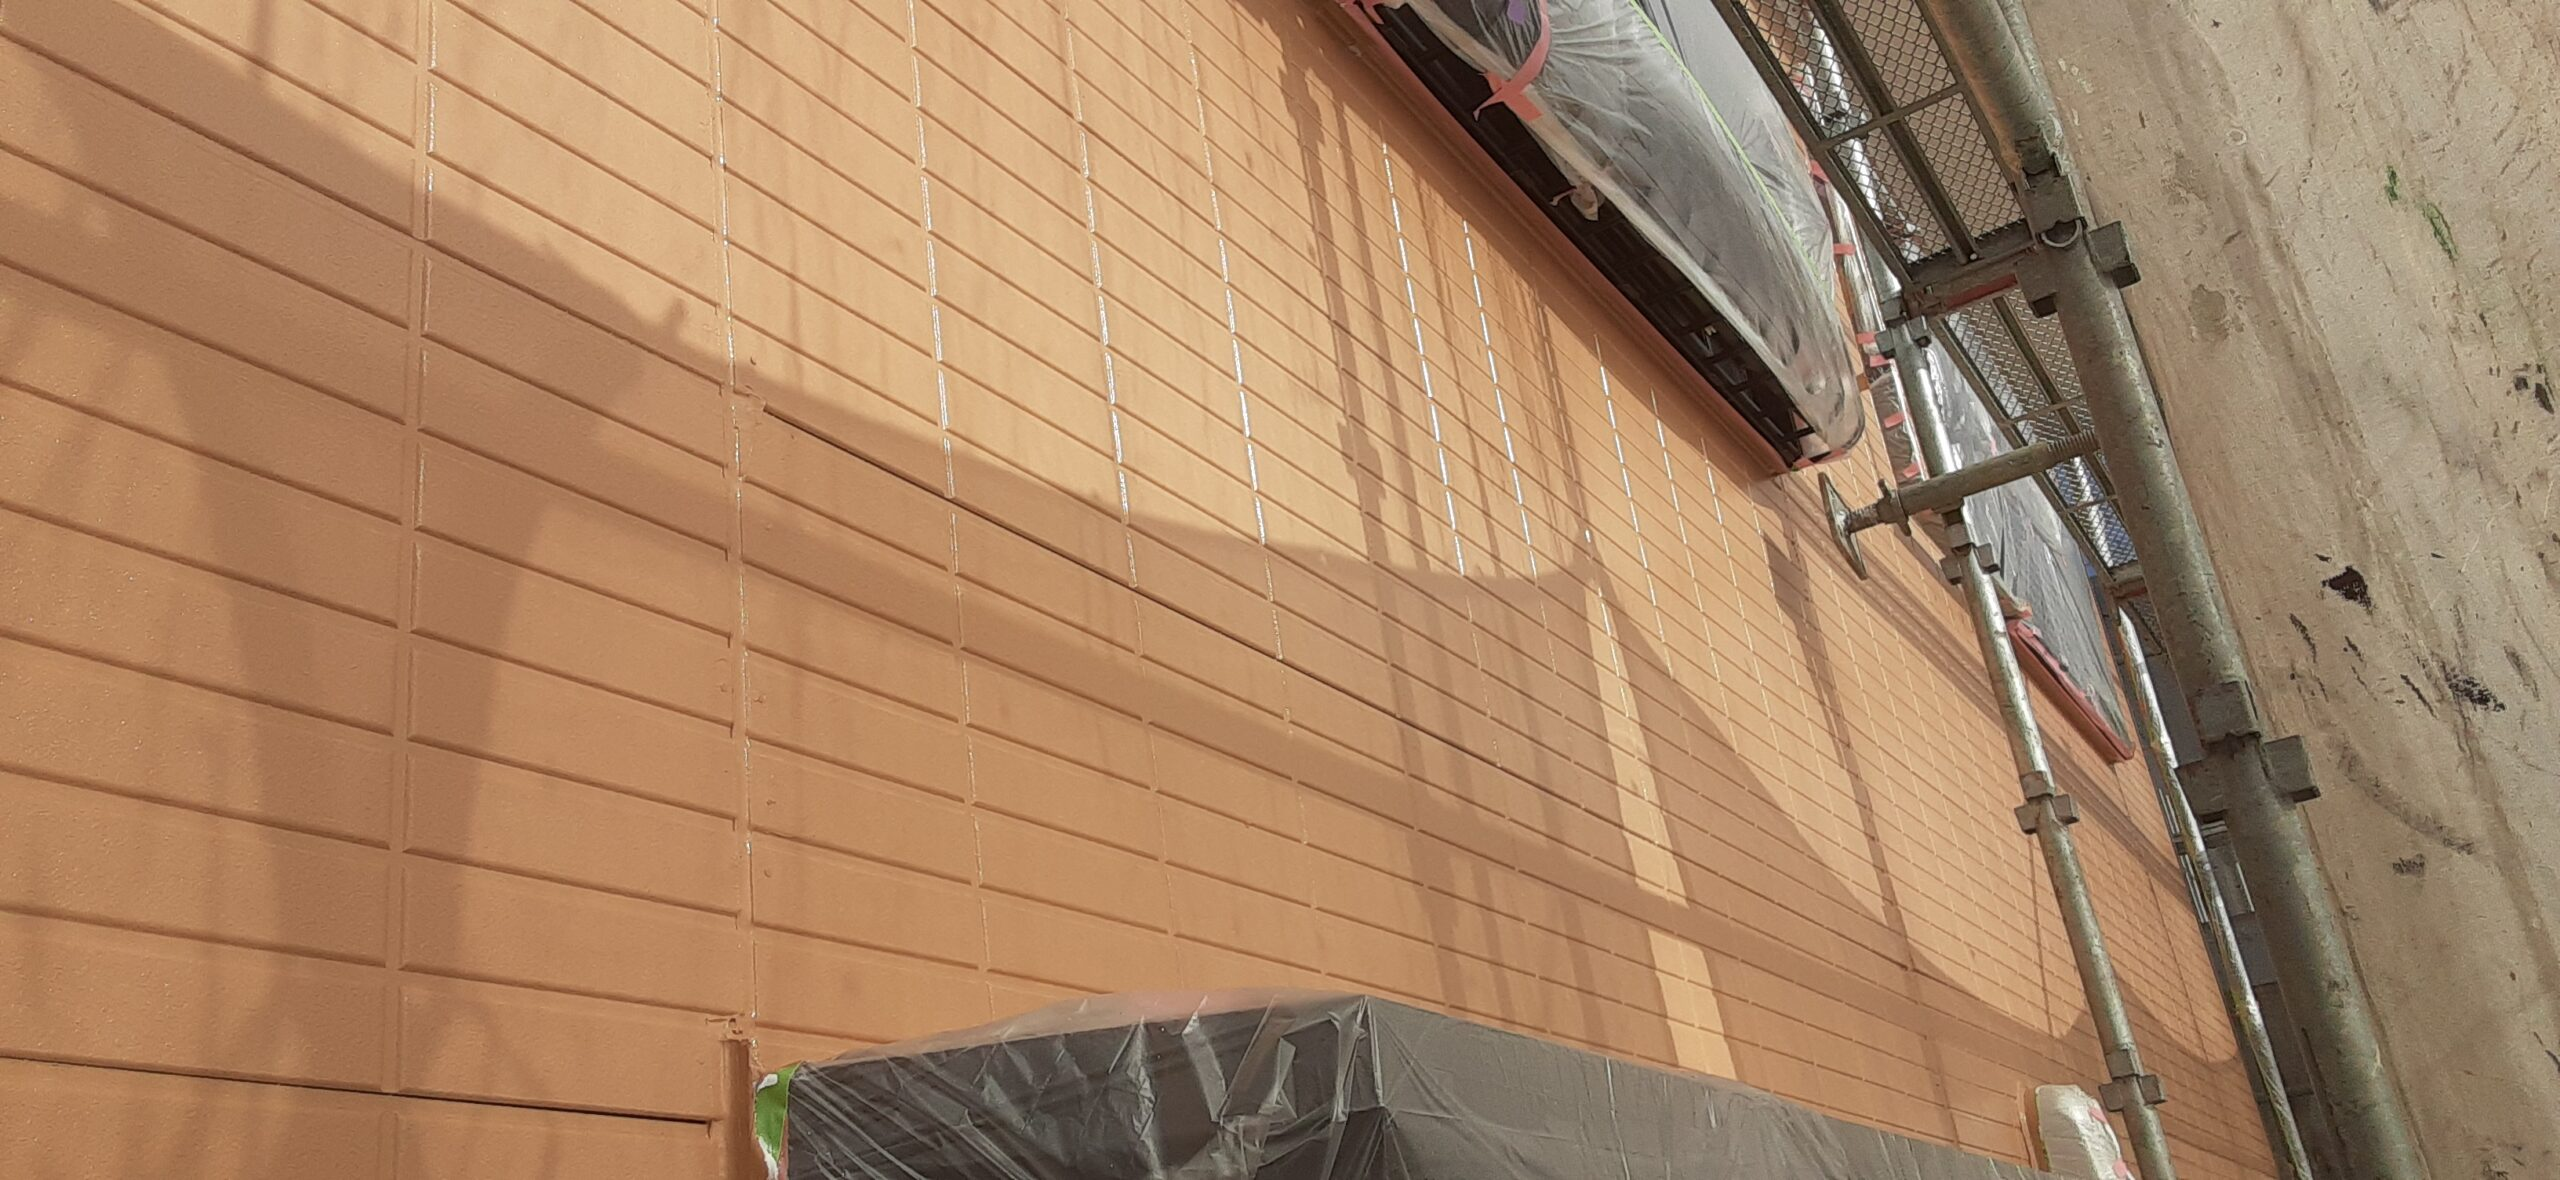 埼玉県さいたま市 外壁中塗り、仕上げ塗装、破風、軒樋塗装/さいたま市岩槻区の(木造2階建て)M様邸にて塗り替えリホーム中